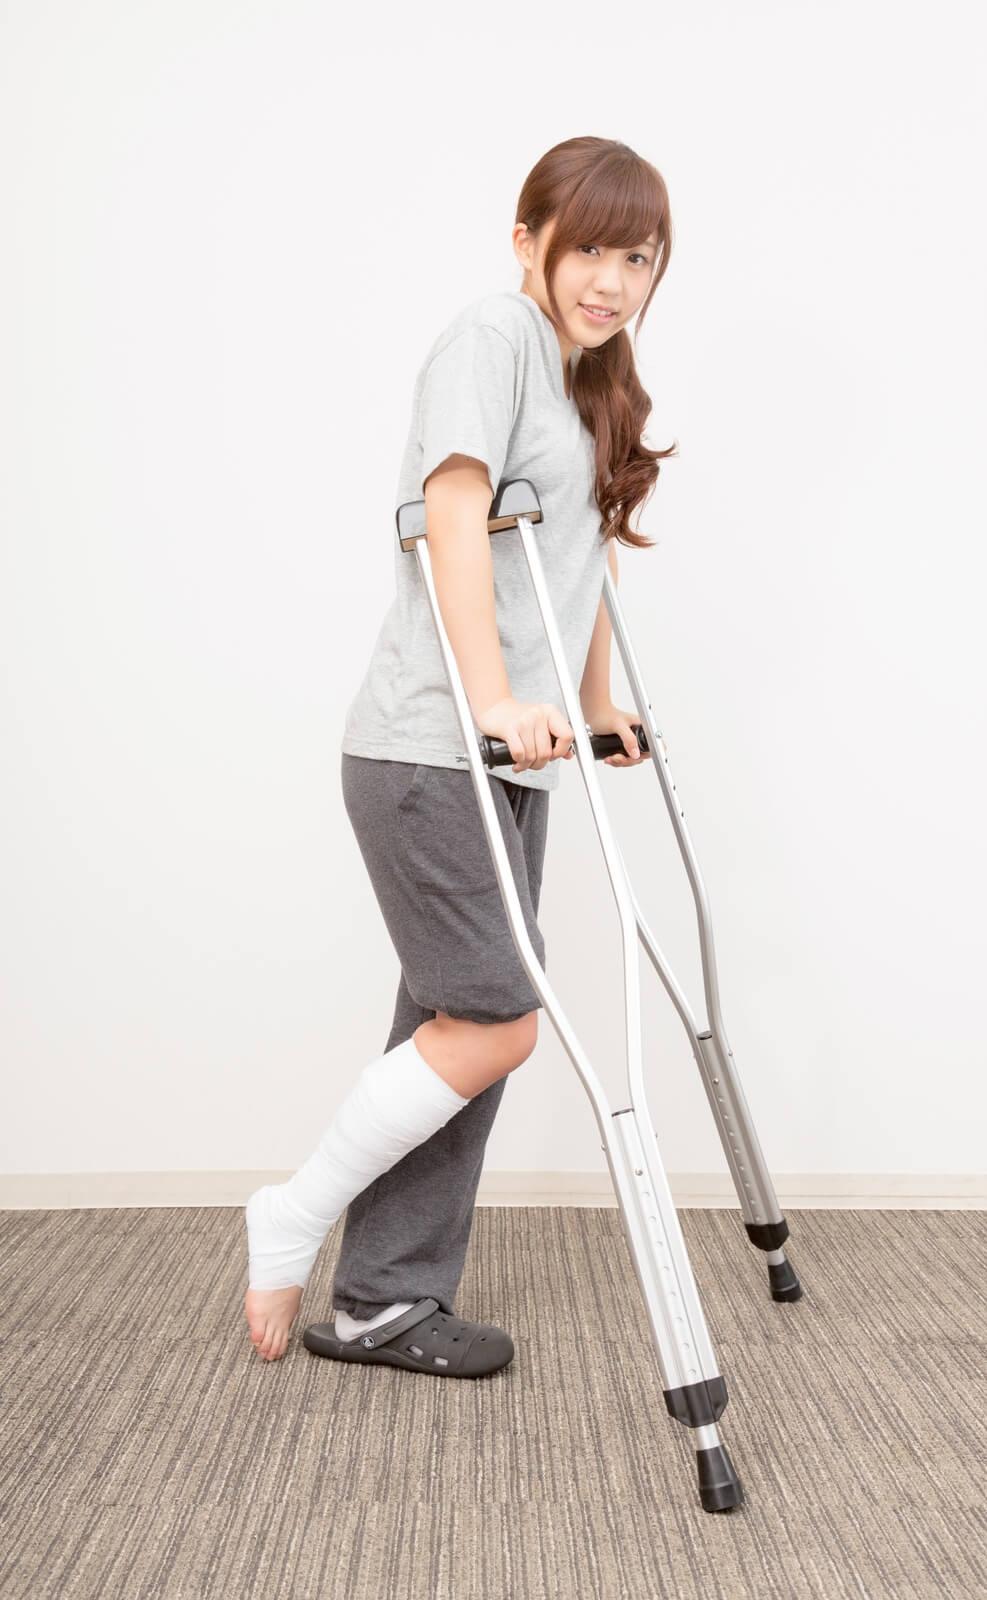 12 足底腱膜炎の症状ってどんなもの?治療法は?ストレッチは効くの?